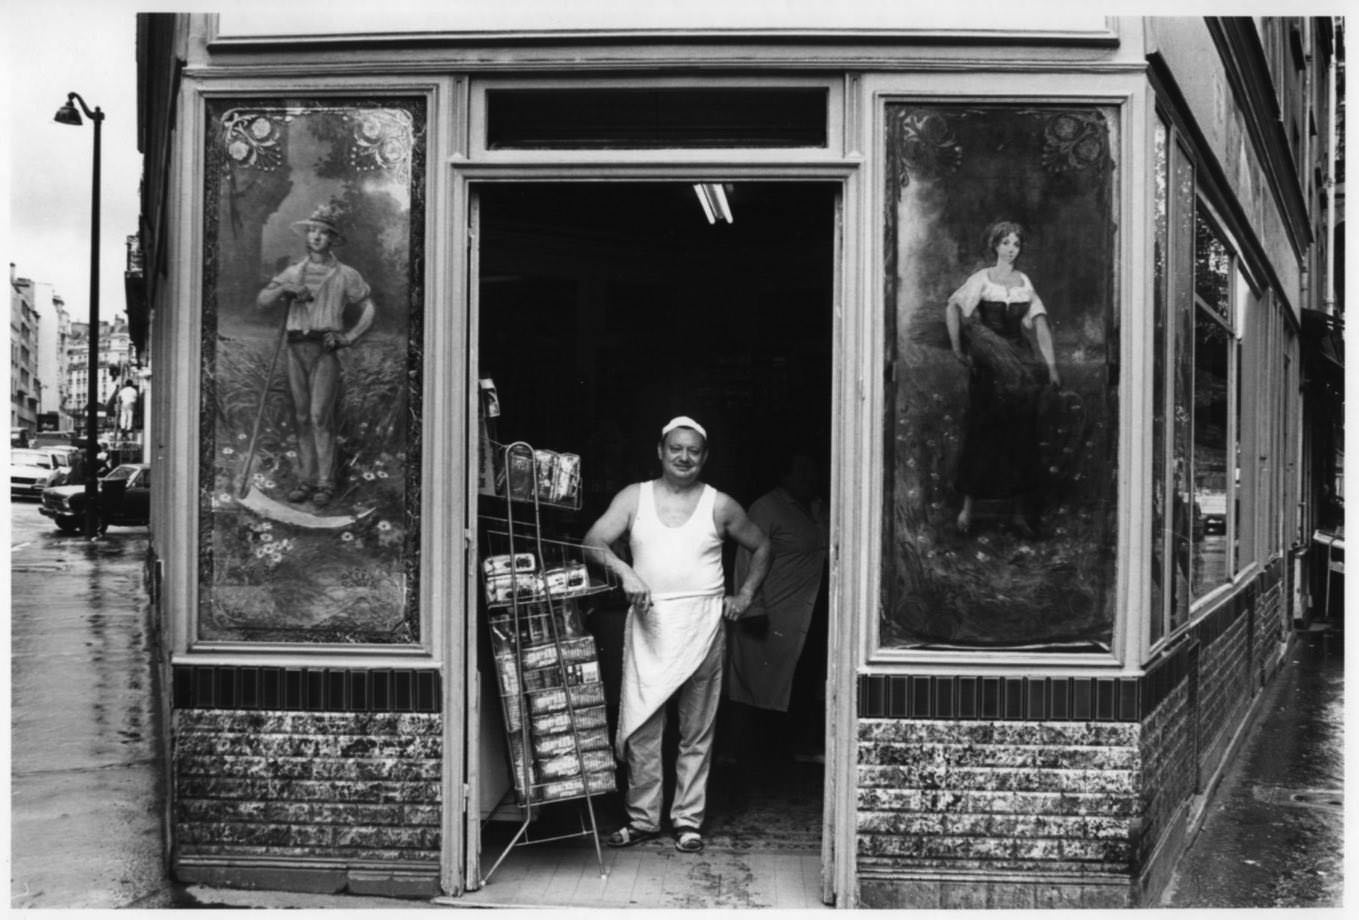 1971. Пекарь с рю Ордене